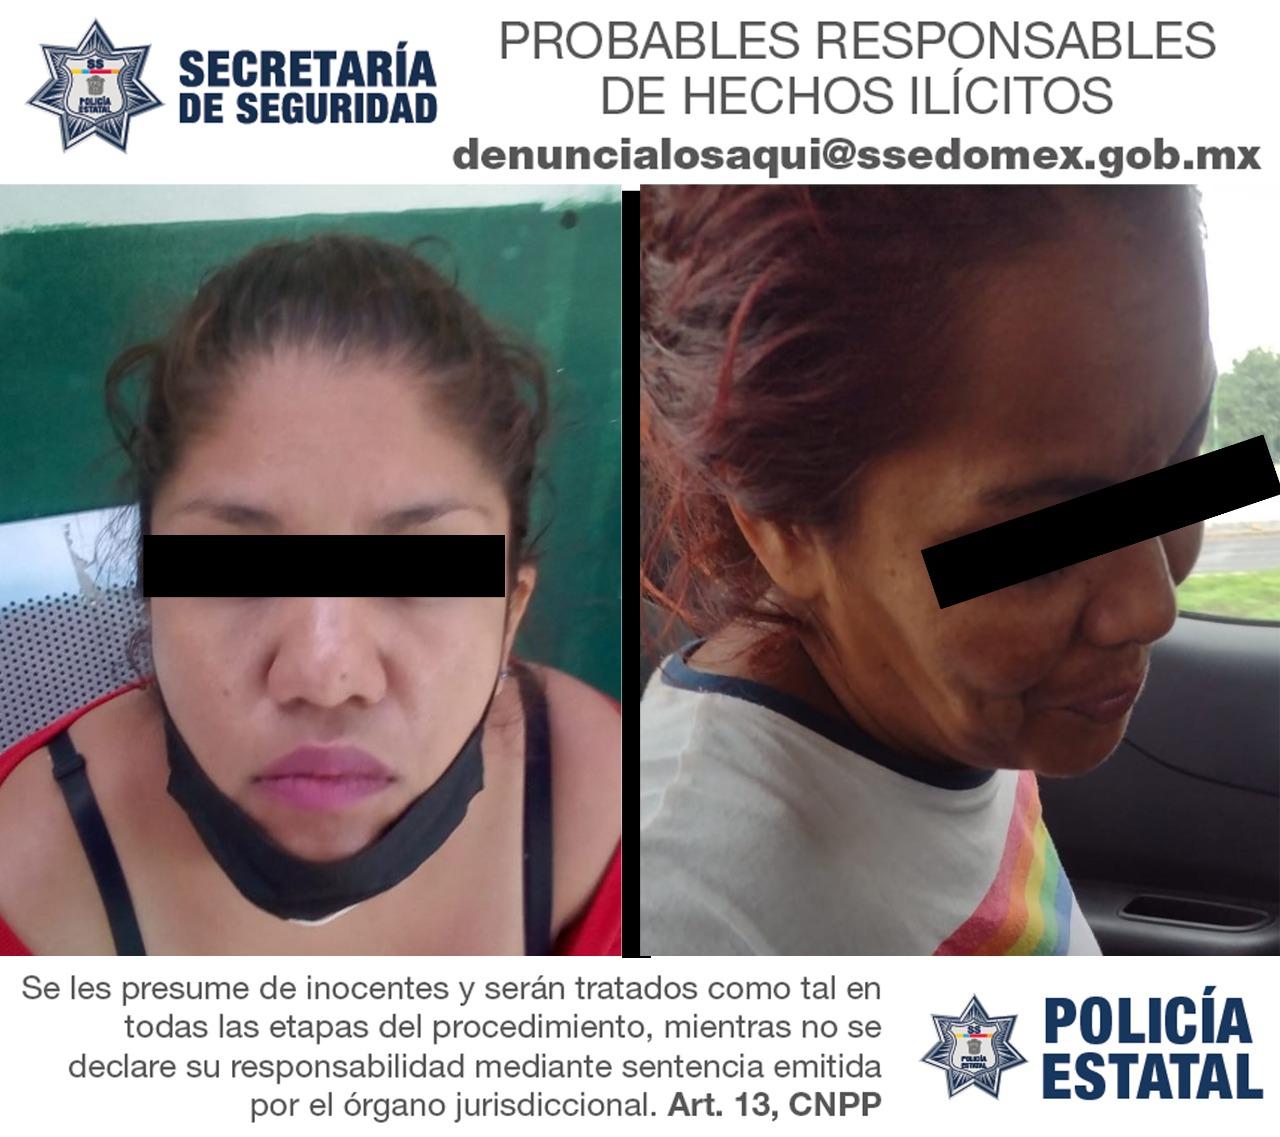 DETIENE A TRES POSIBLES RESPONSABLES DE INTENTO DE ROBO CON VIOLENCIA A EMPRESA DE COMPRA VENTA DE PRODUCTOS EN LÍNEA